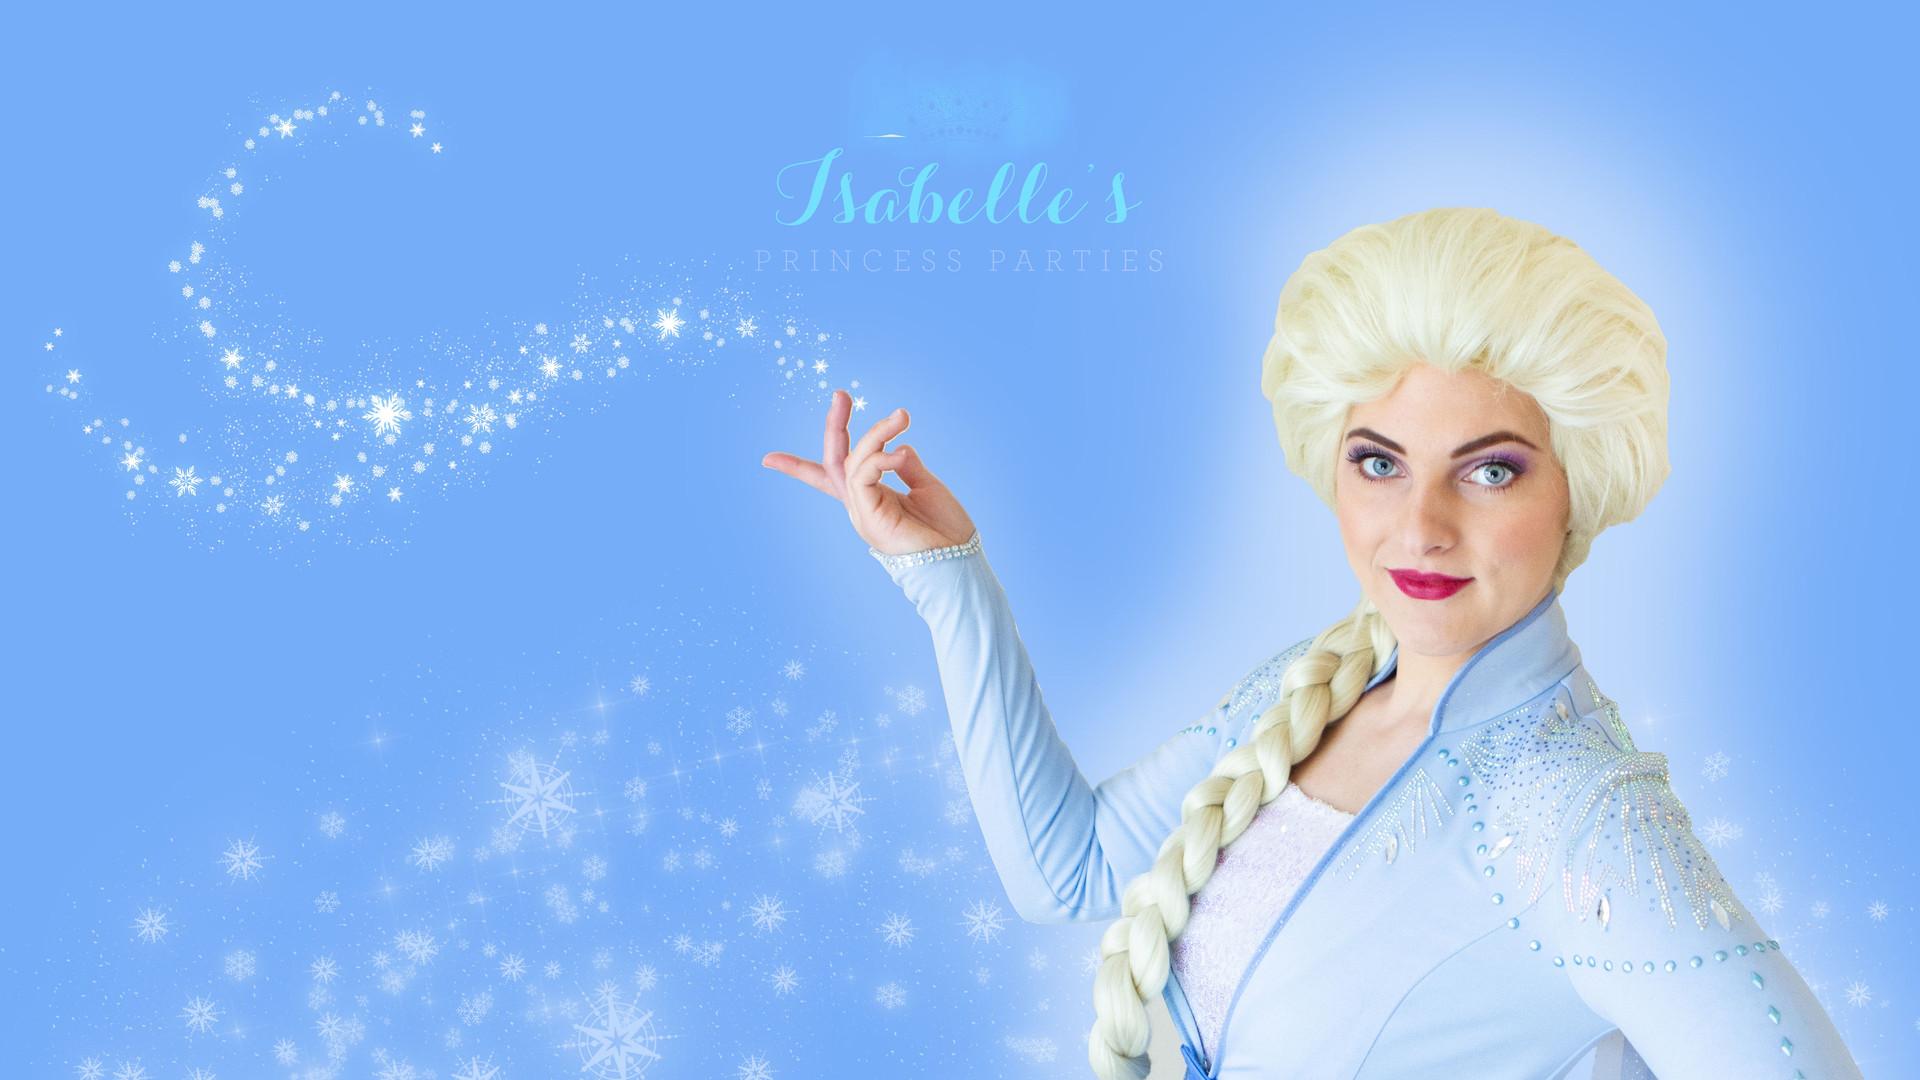 Frozen2Elsa__IsabellesPrincessParties_Sn